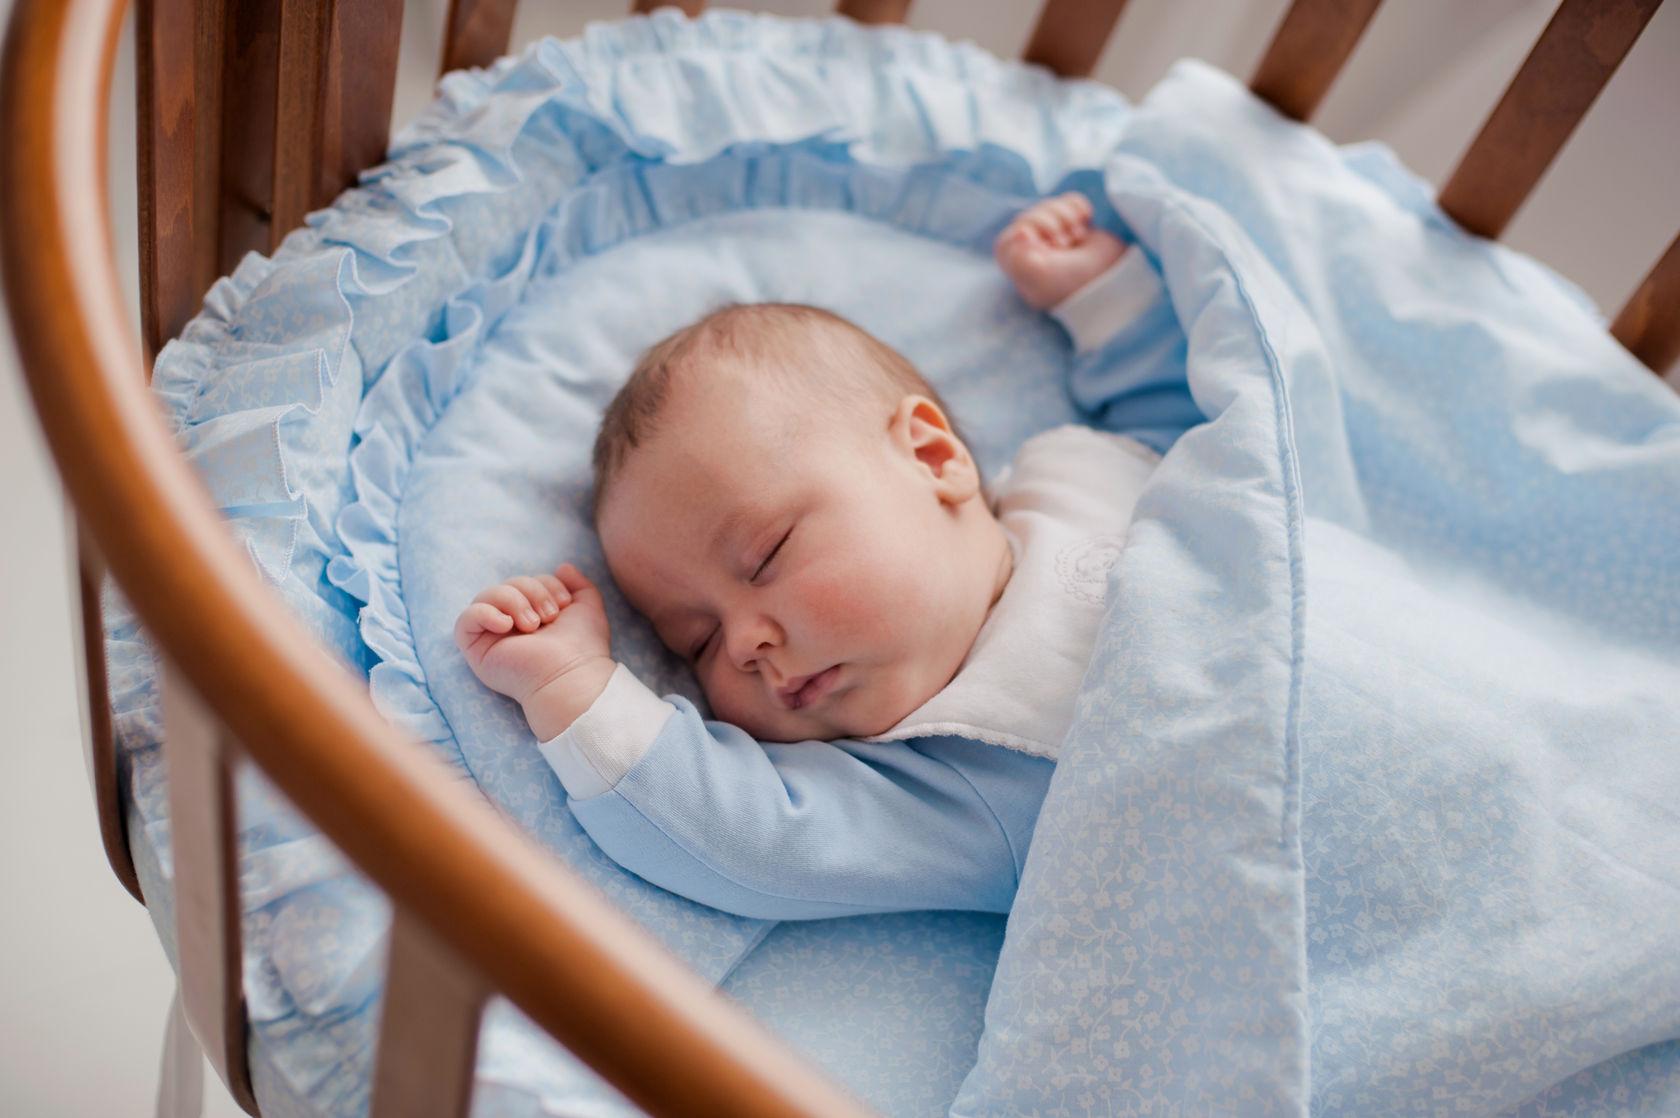 За здоровьем малыша родителям следует следить максимально тщательно